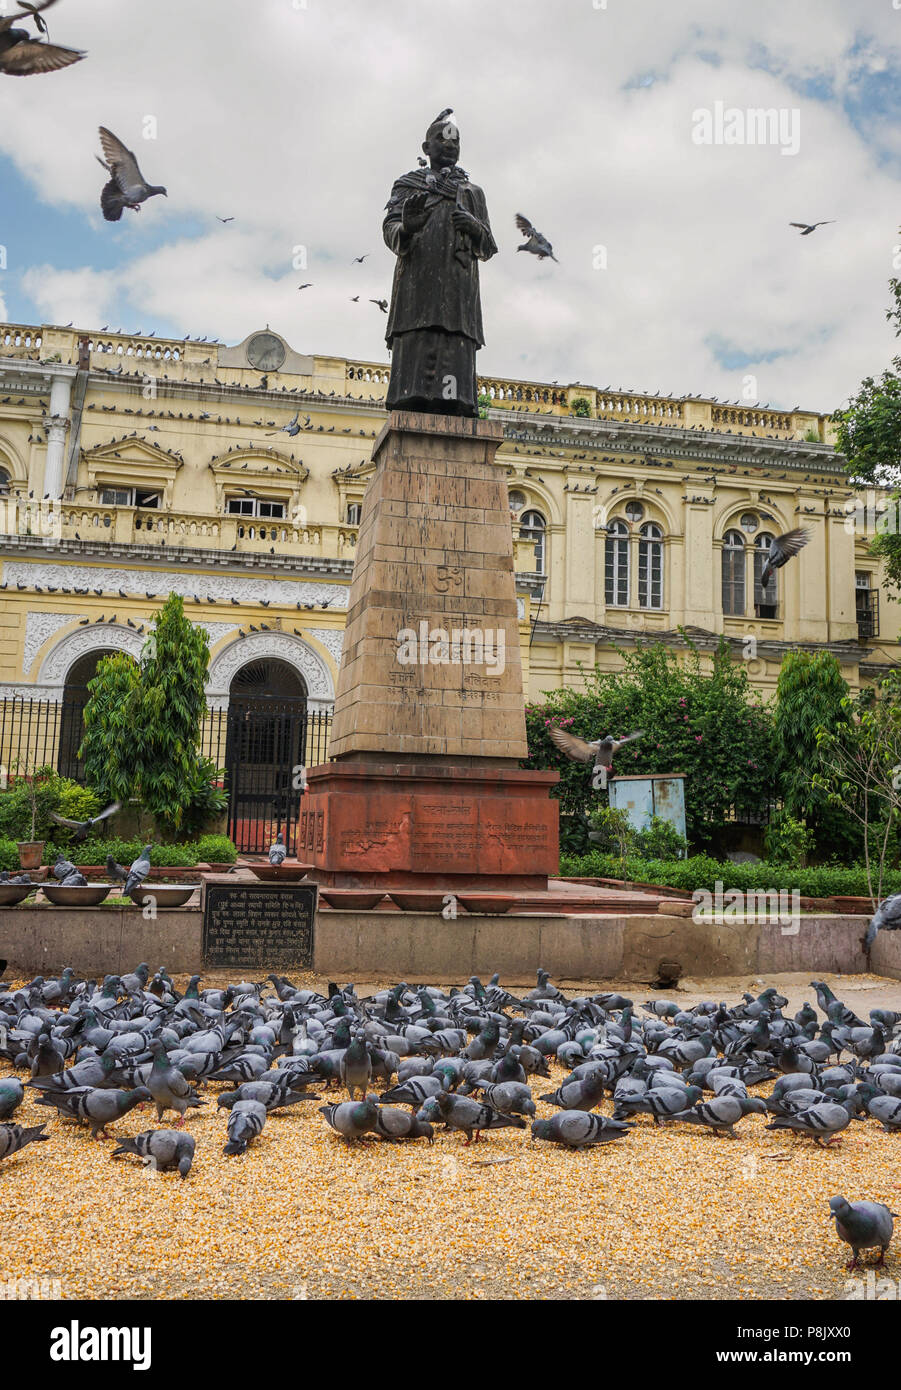 Delhi, India - 26 luglio 2015. Il Mahatma Gandhi statua nel centro di Delhi, India. Gandhi è ufficiosamente chiamato il padre della nazione indiana. Immagini Stock